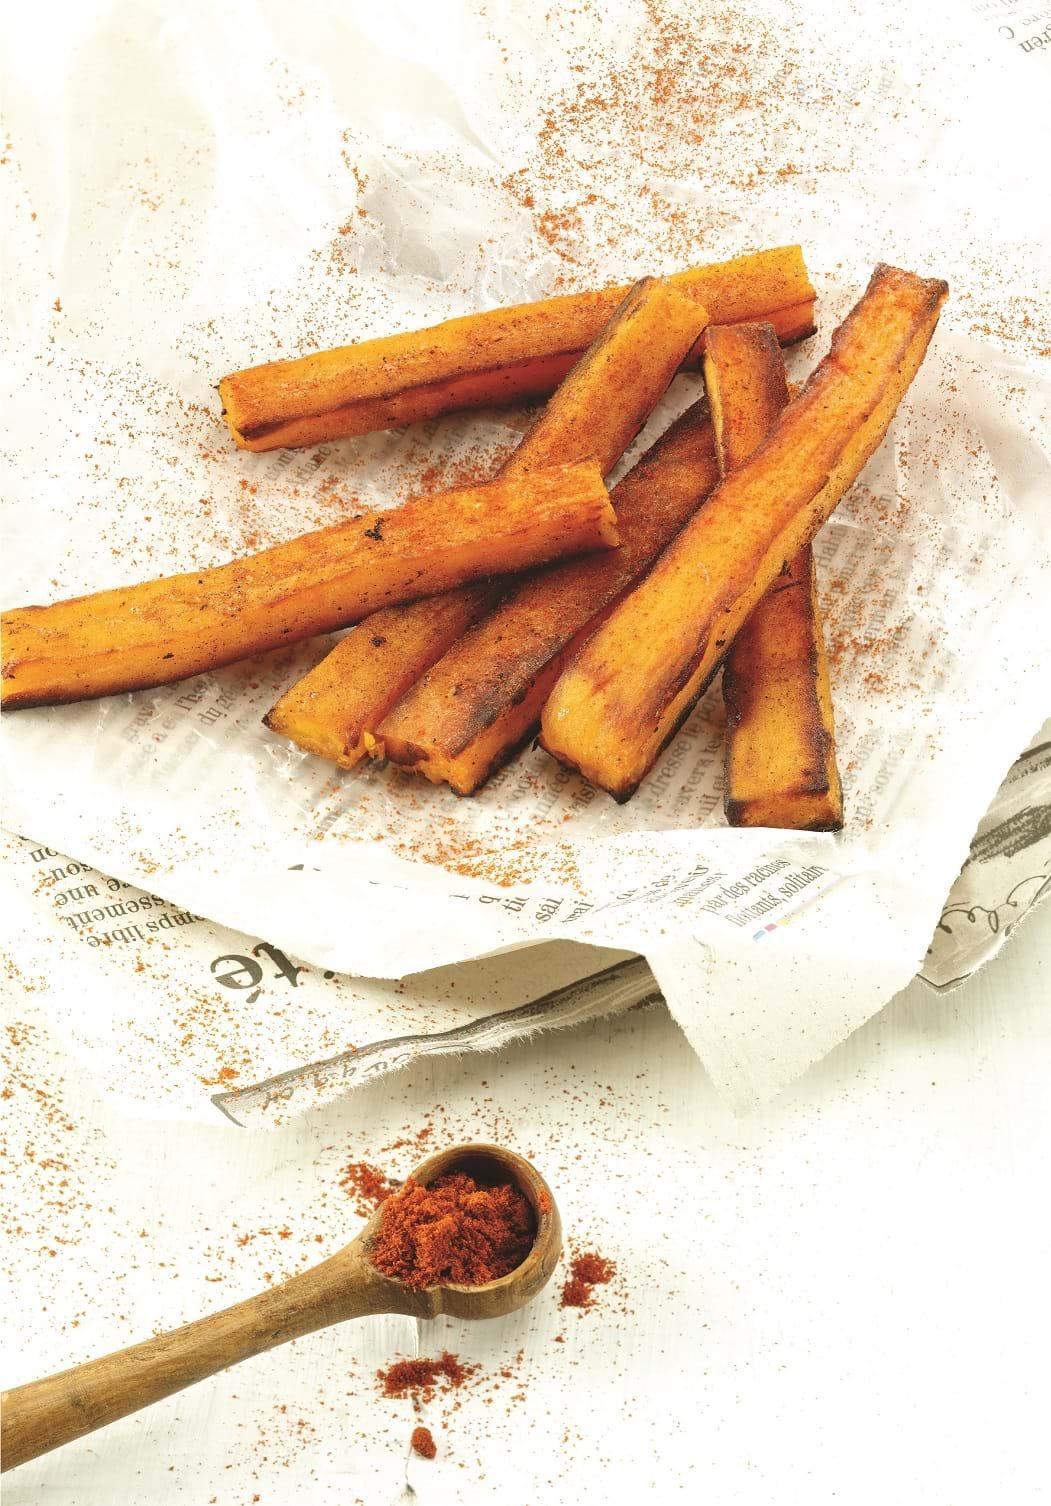 Recettes sant nutrisimple frites de patates douces au four - Frite de patate douce au four ...